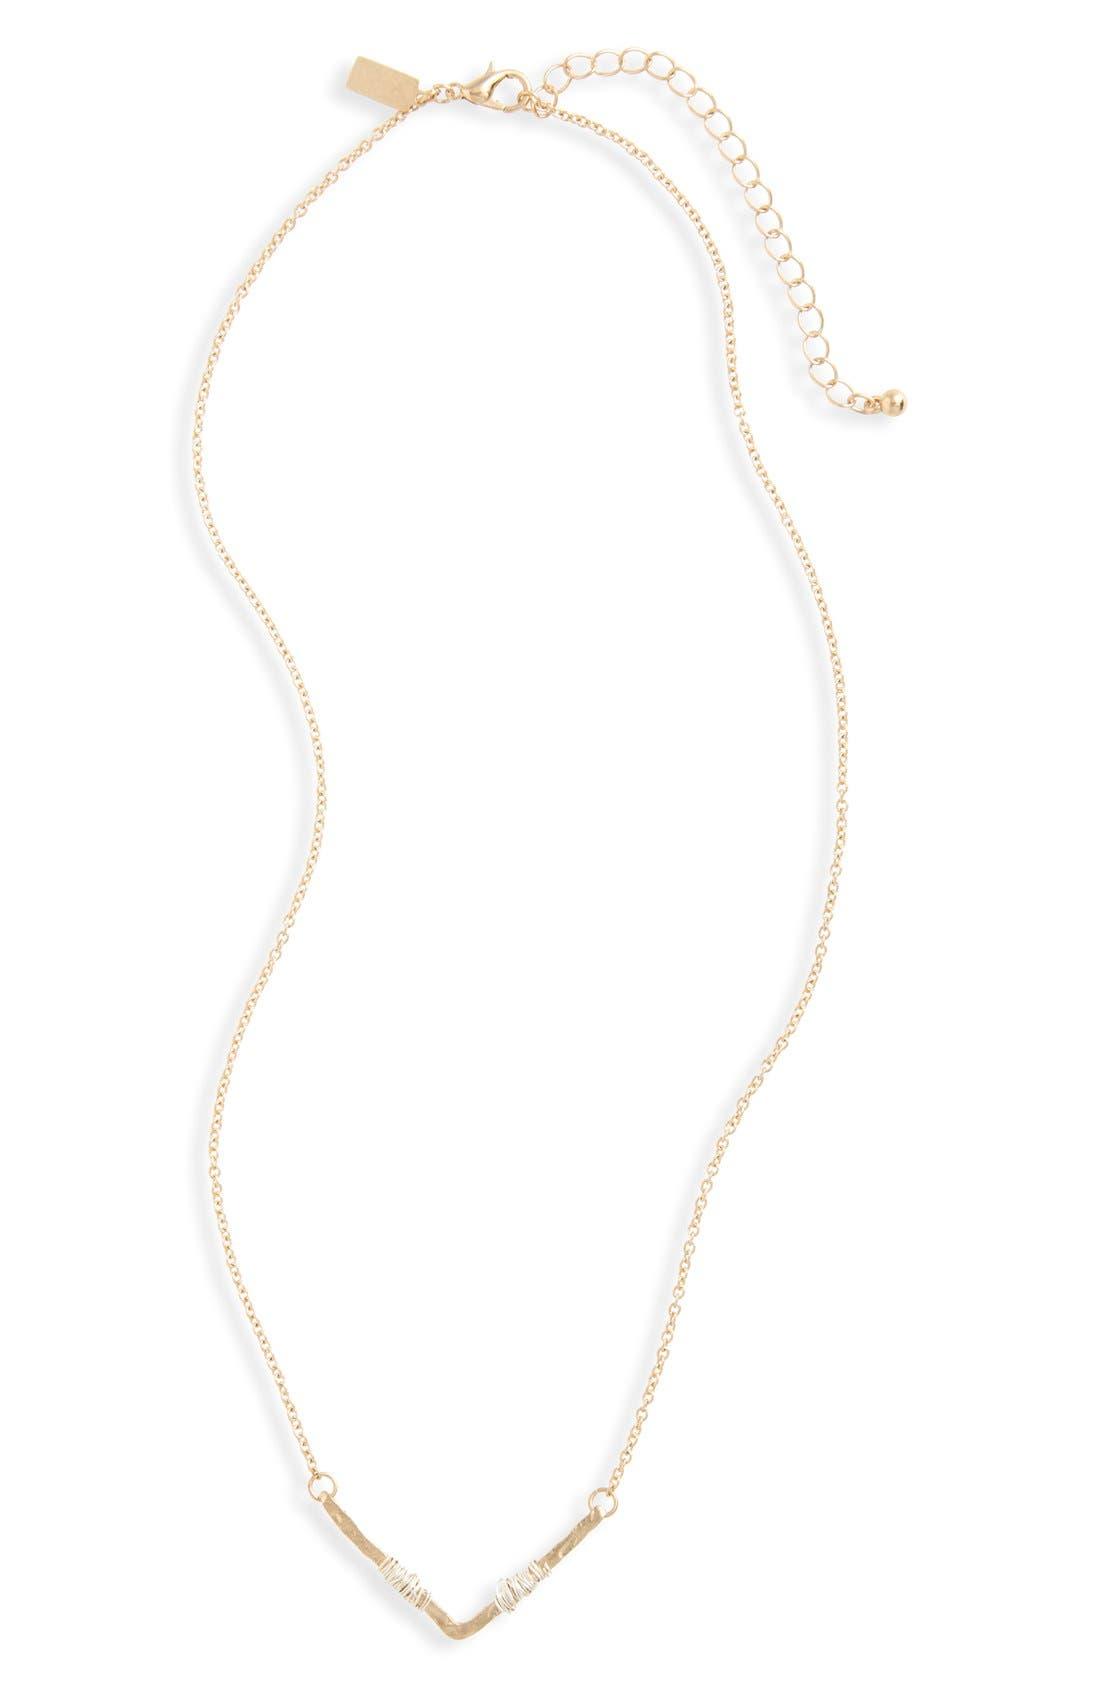 Wire Wrap Chevron Pendant Necklace,                             Main thumbnail 1, color,                             710